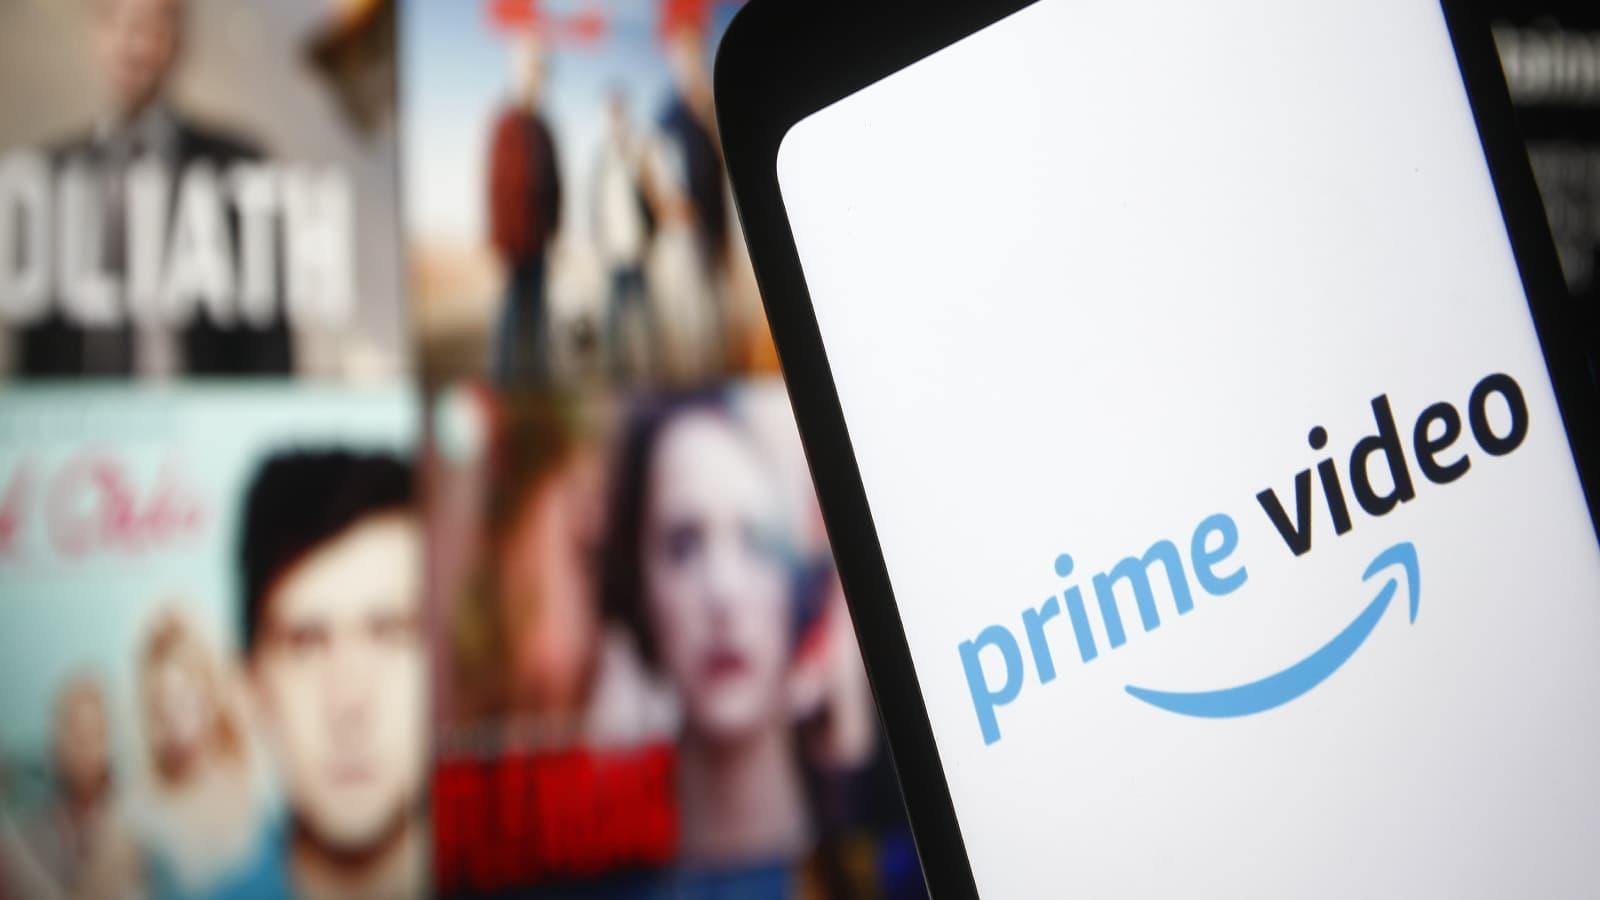 La meilleure livraison de séries, c'est sur Amazon Prime Video